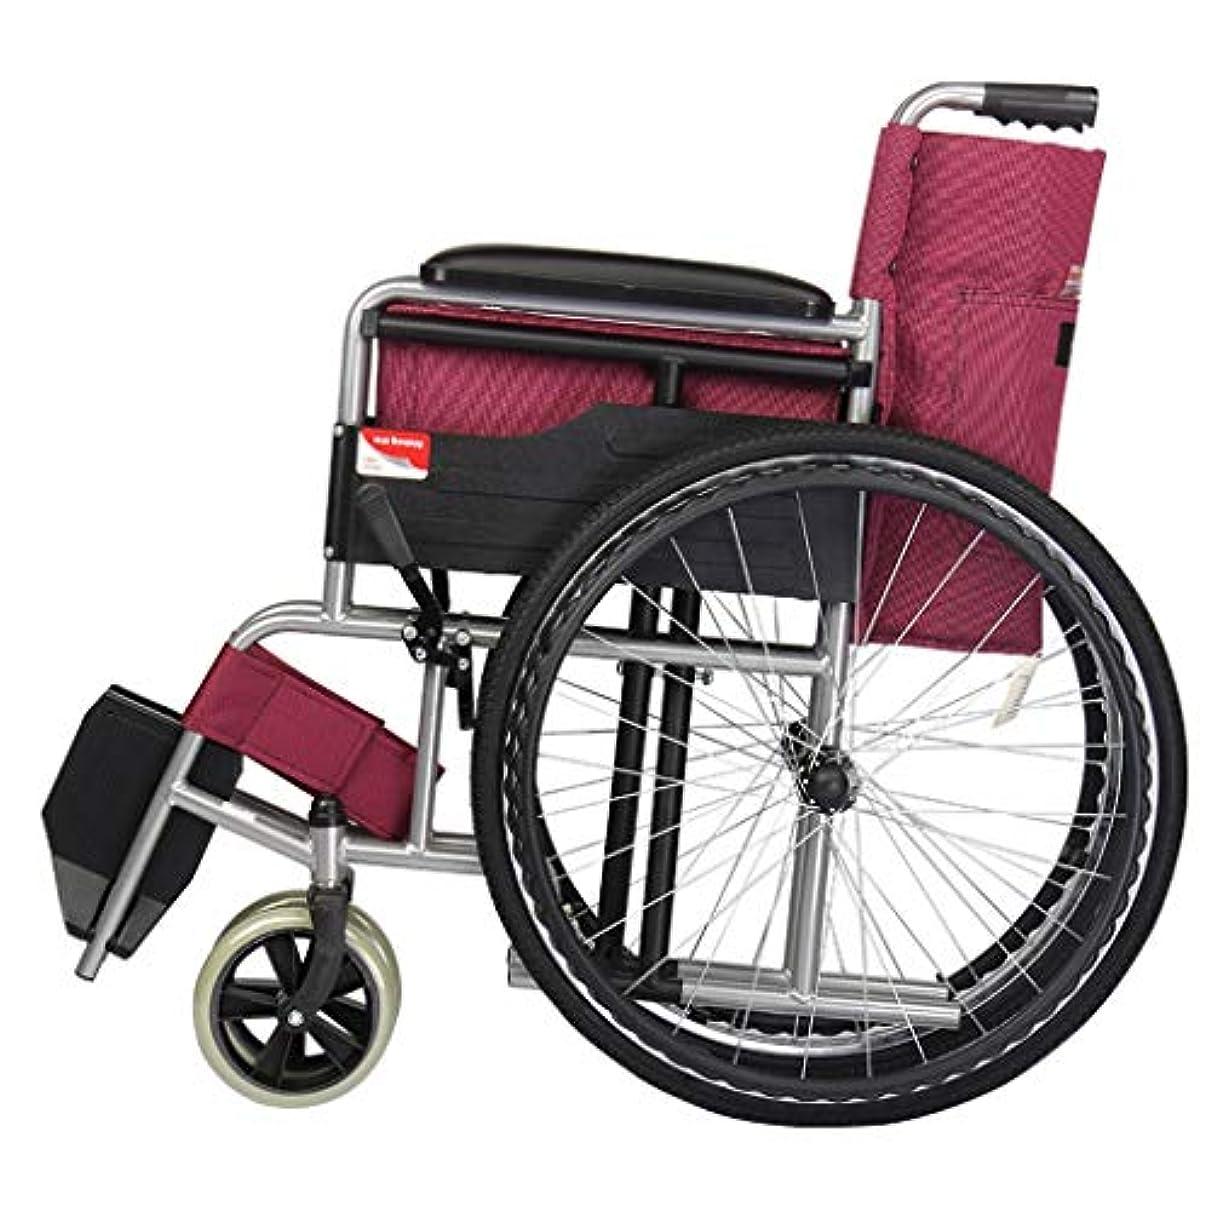 枯渇するアーネストシャクルトンブランデーハンドプッシュ車椅子、折りたたみ式ファミリーソフトシート車椅子、快適な老人旅行用車椅子